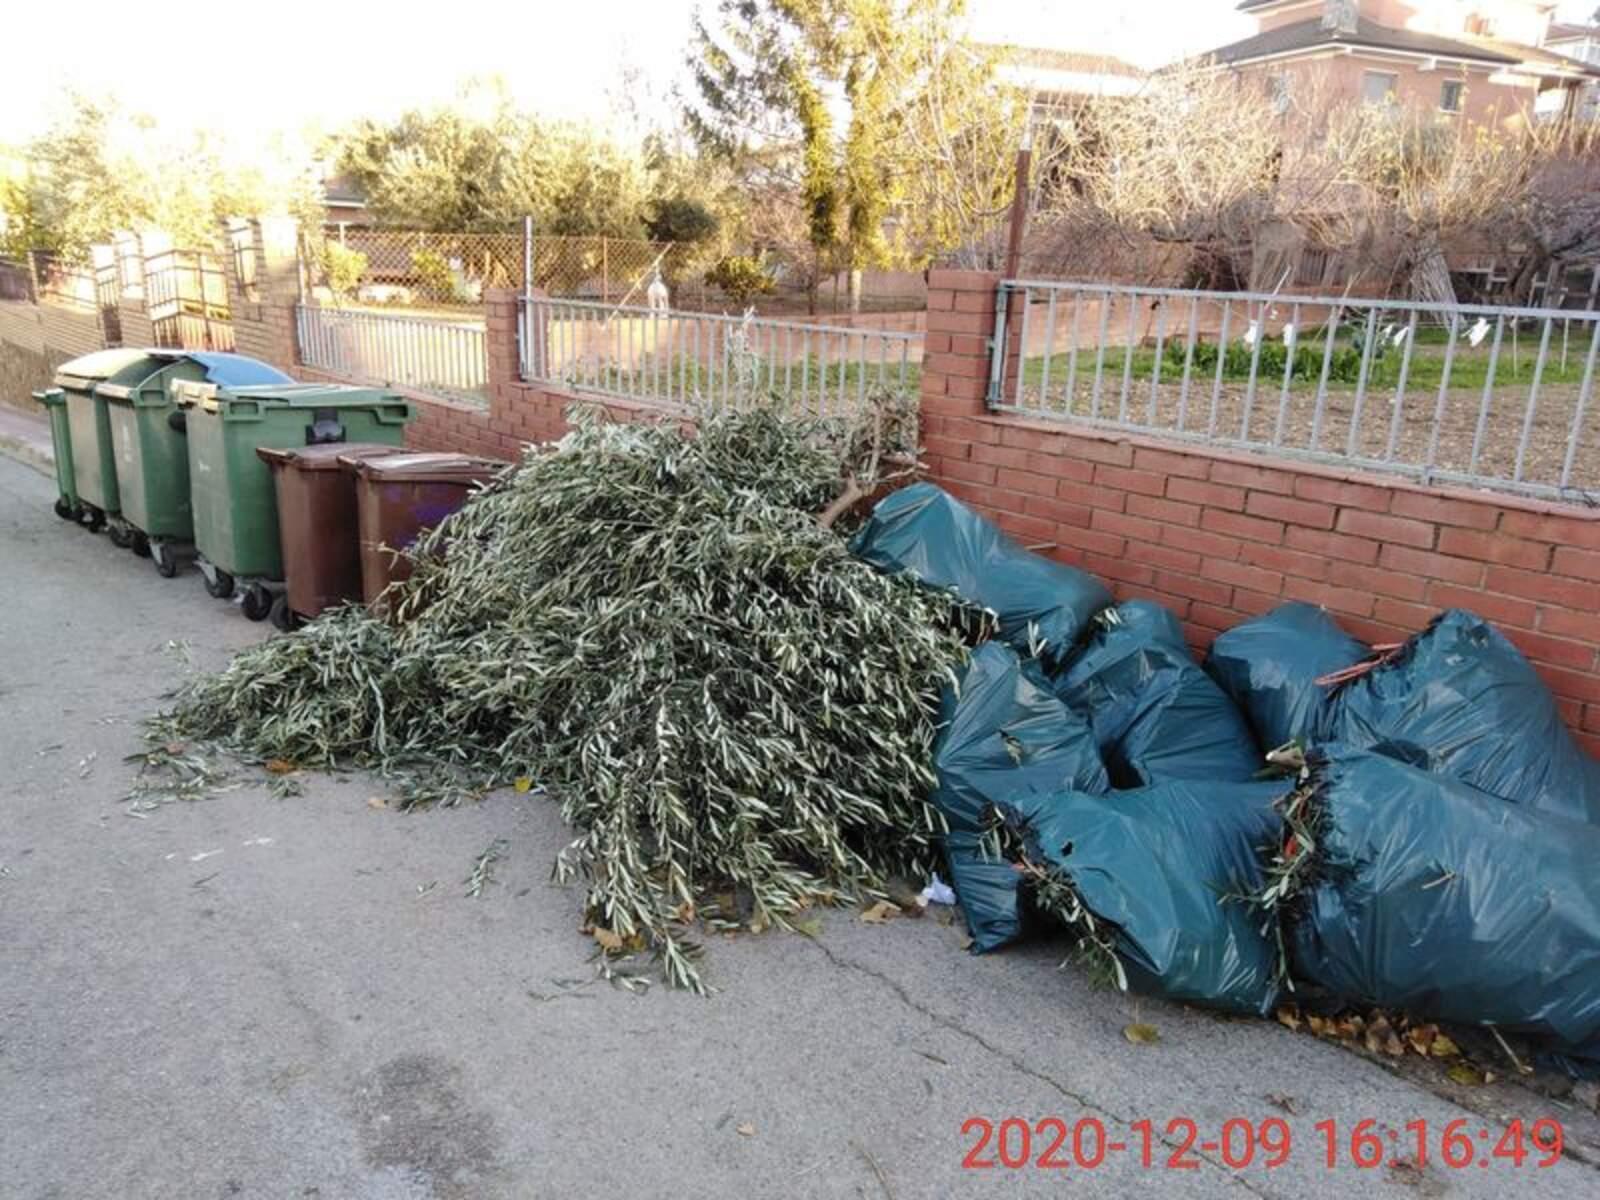 Abocament de residus de poda al costat dels contenidors